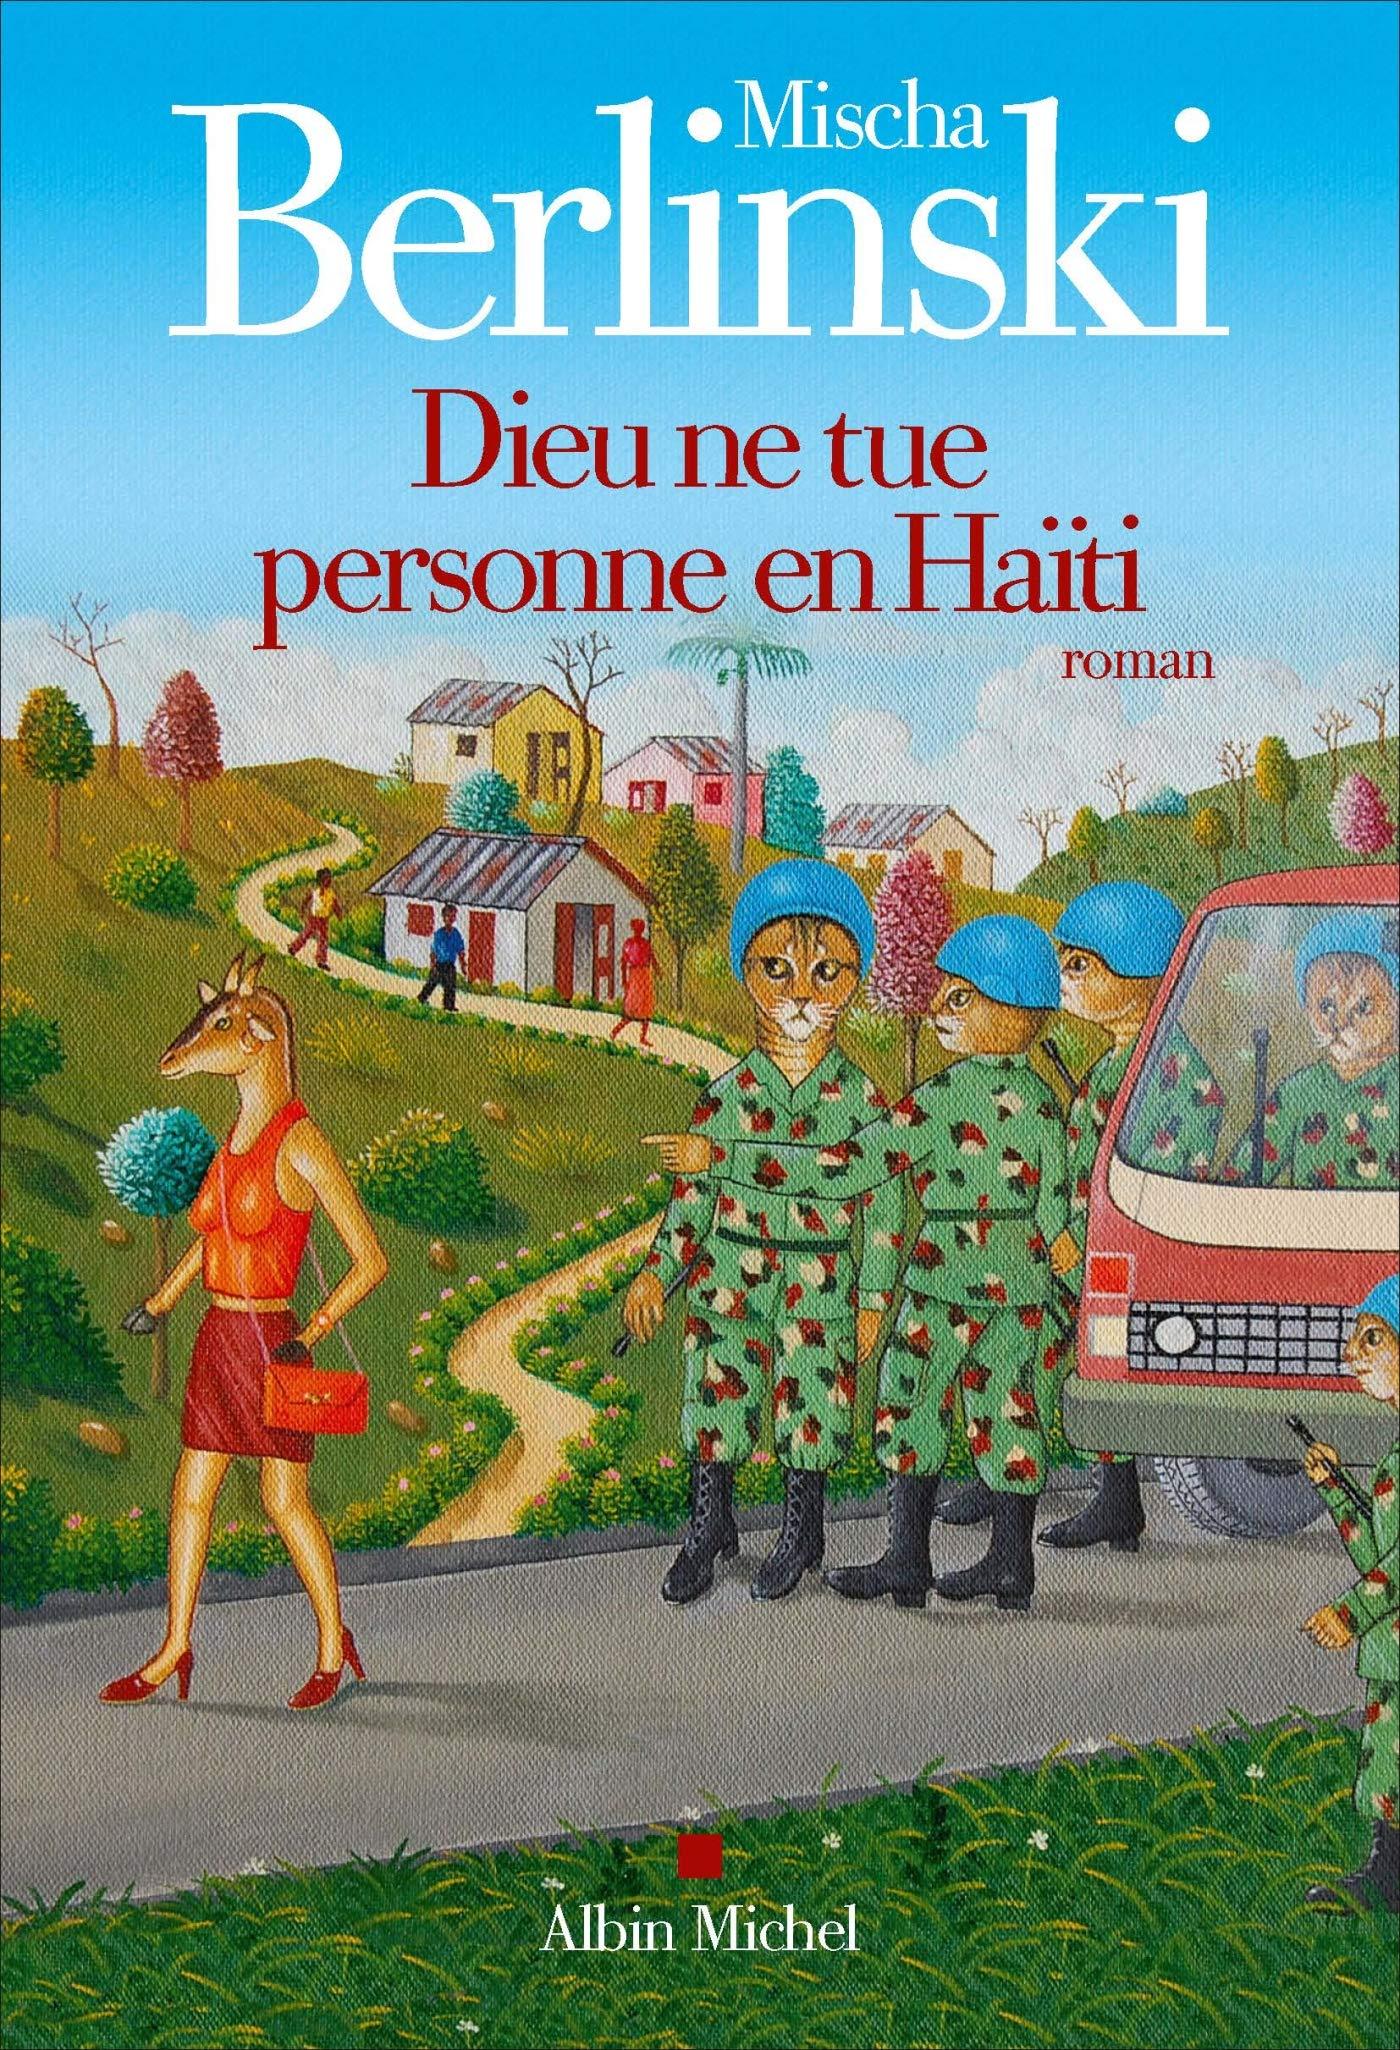 Dieu ne tue personne en Haïti (A.M. G.TRADUCT): Amazon.es ...